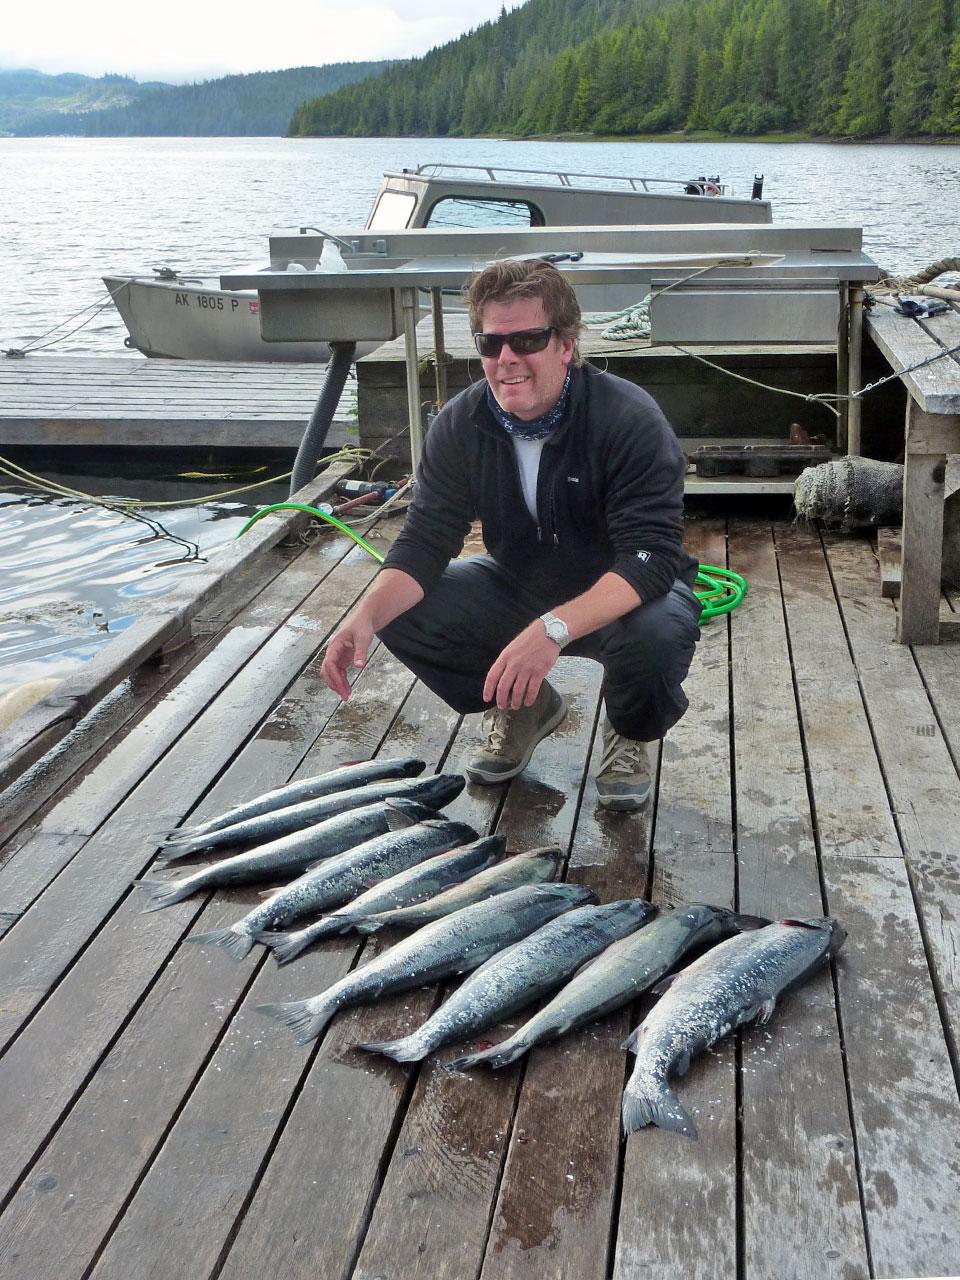 Salmon Fishing at Alaskan Escape